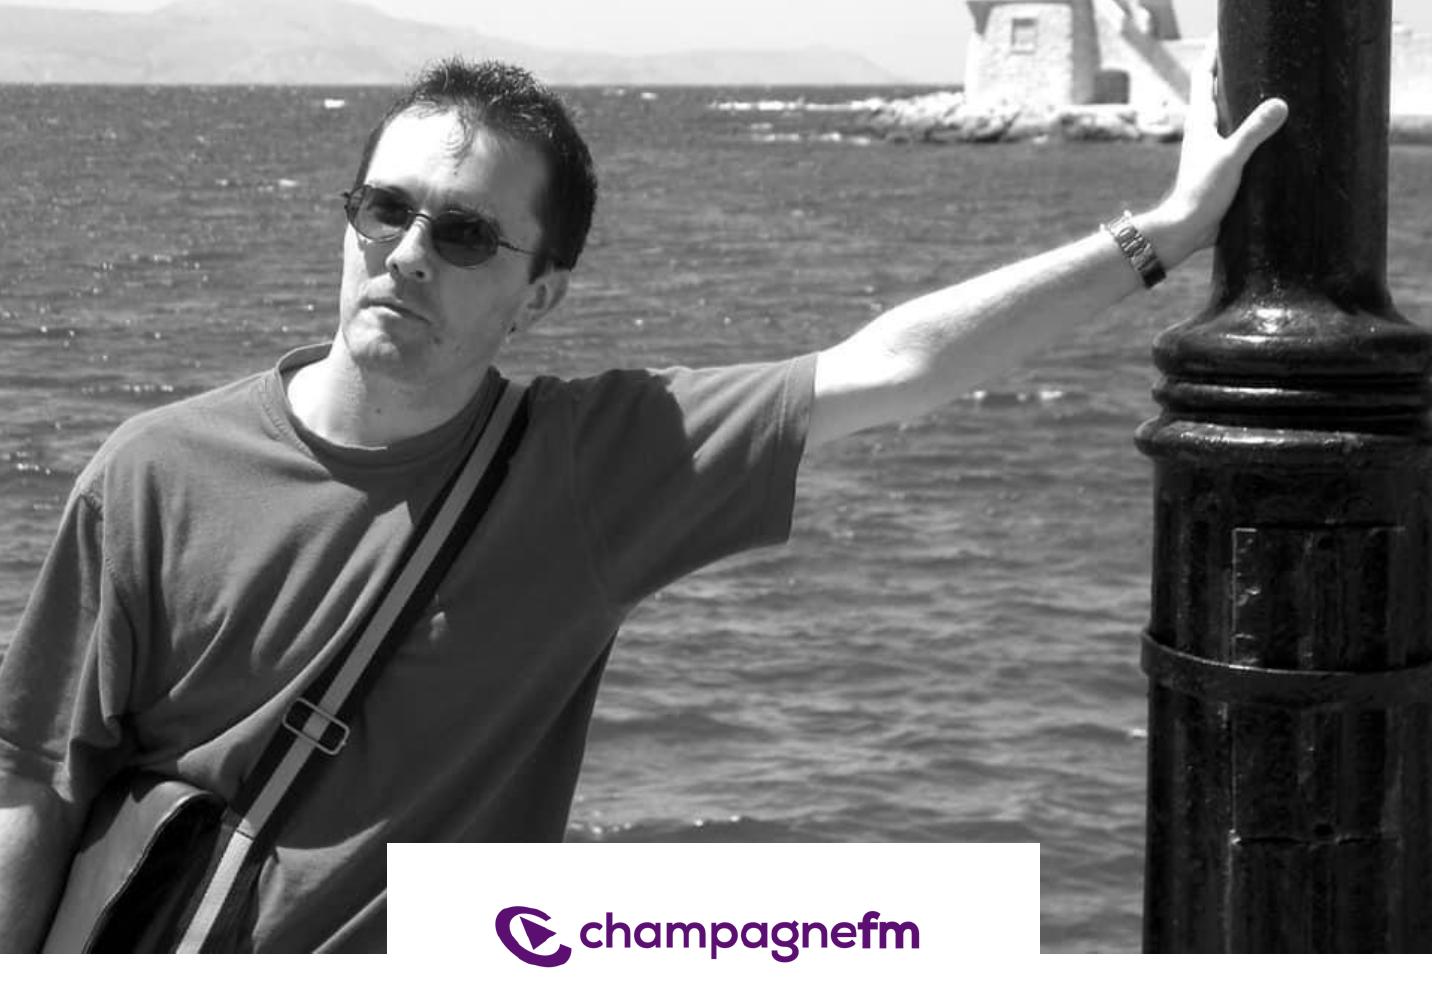 Champagne FM s'associe à l'hommage à Samuel Paty